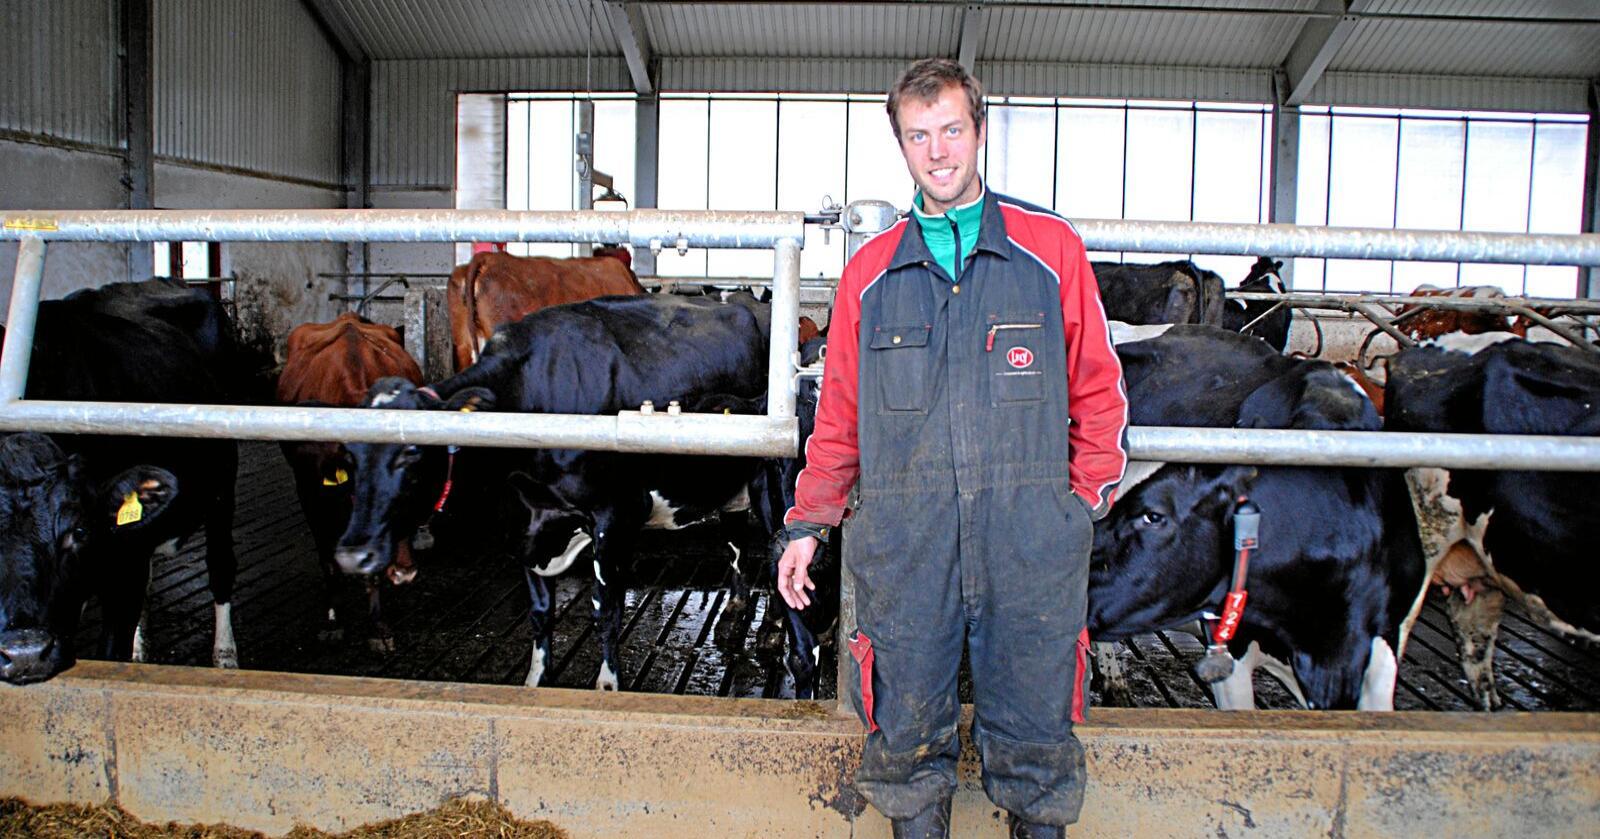 Knut Johan Singstad i Kyrksæterøra forteller om fordeler og ulemper ved å drive et større melkebruk. Foto: Lars Bilit Hagen